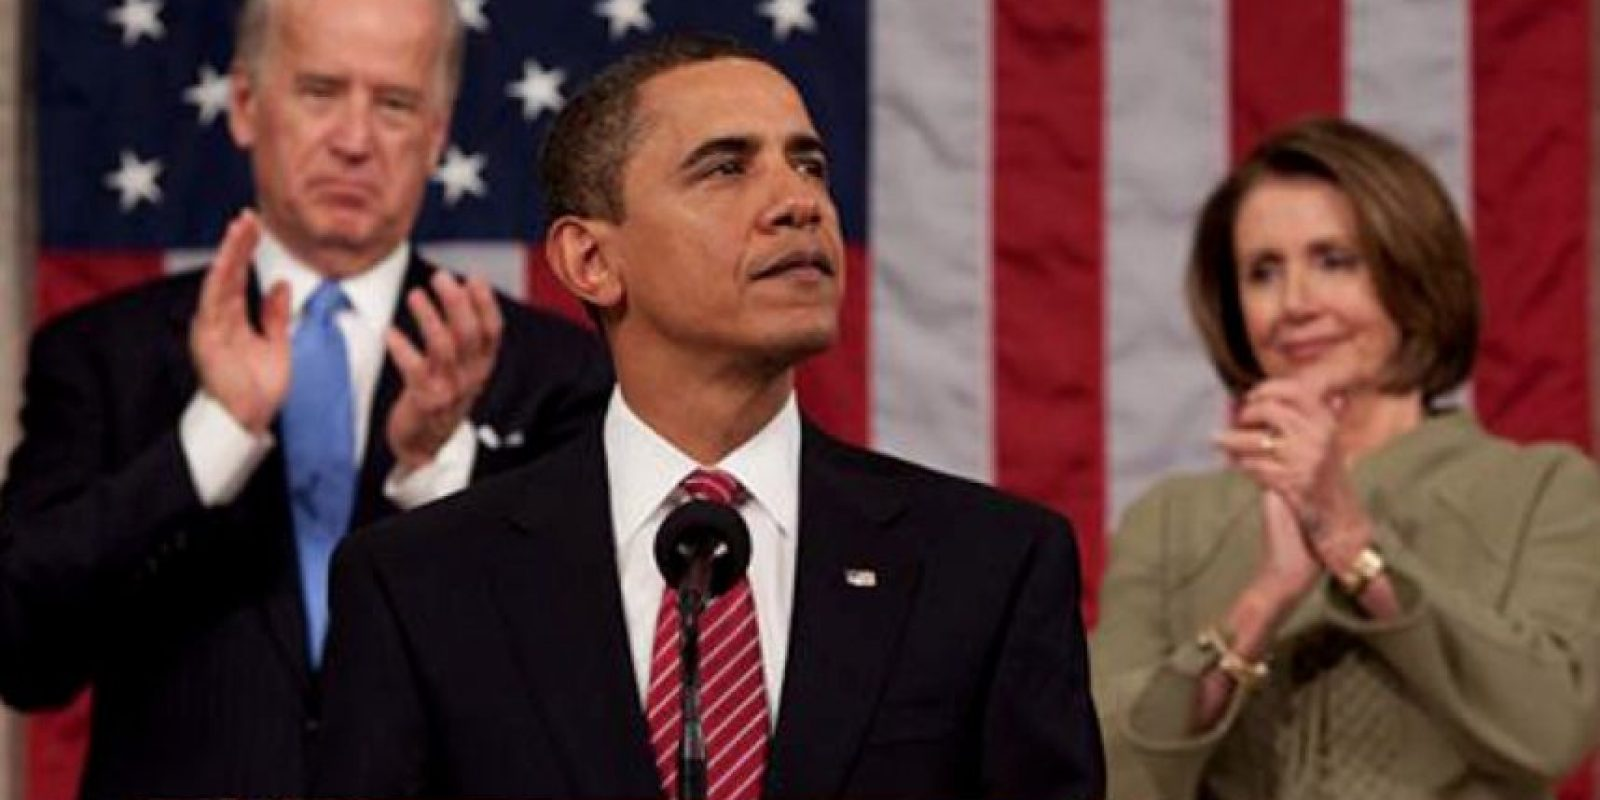 En 2009 dio su primer discurso del Estado de la Unión frente al Congreso del país. Foto:Wikipedia.org. Imagen Por: